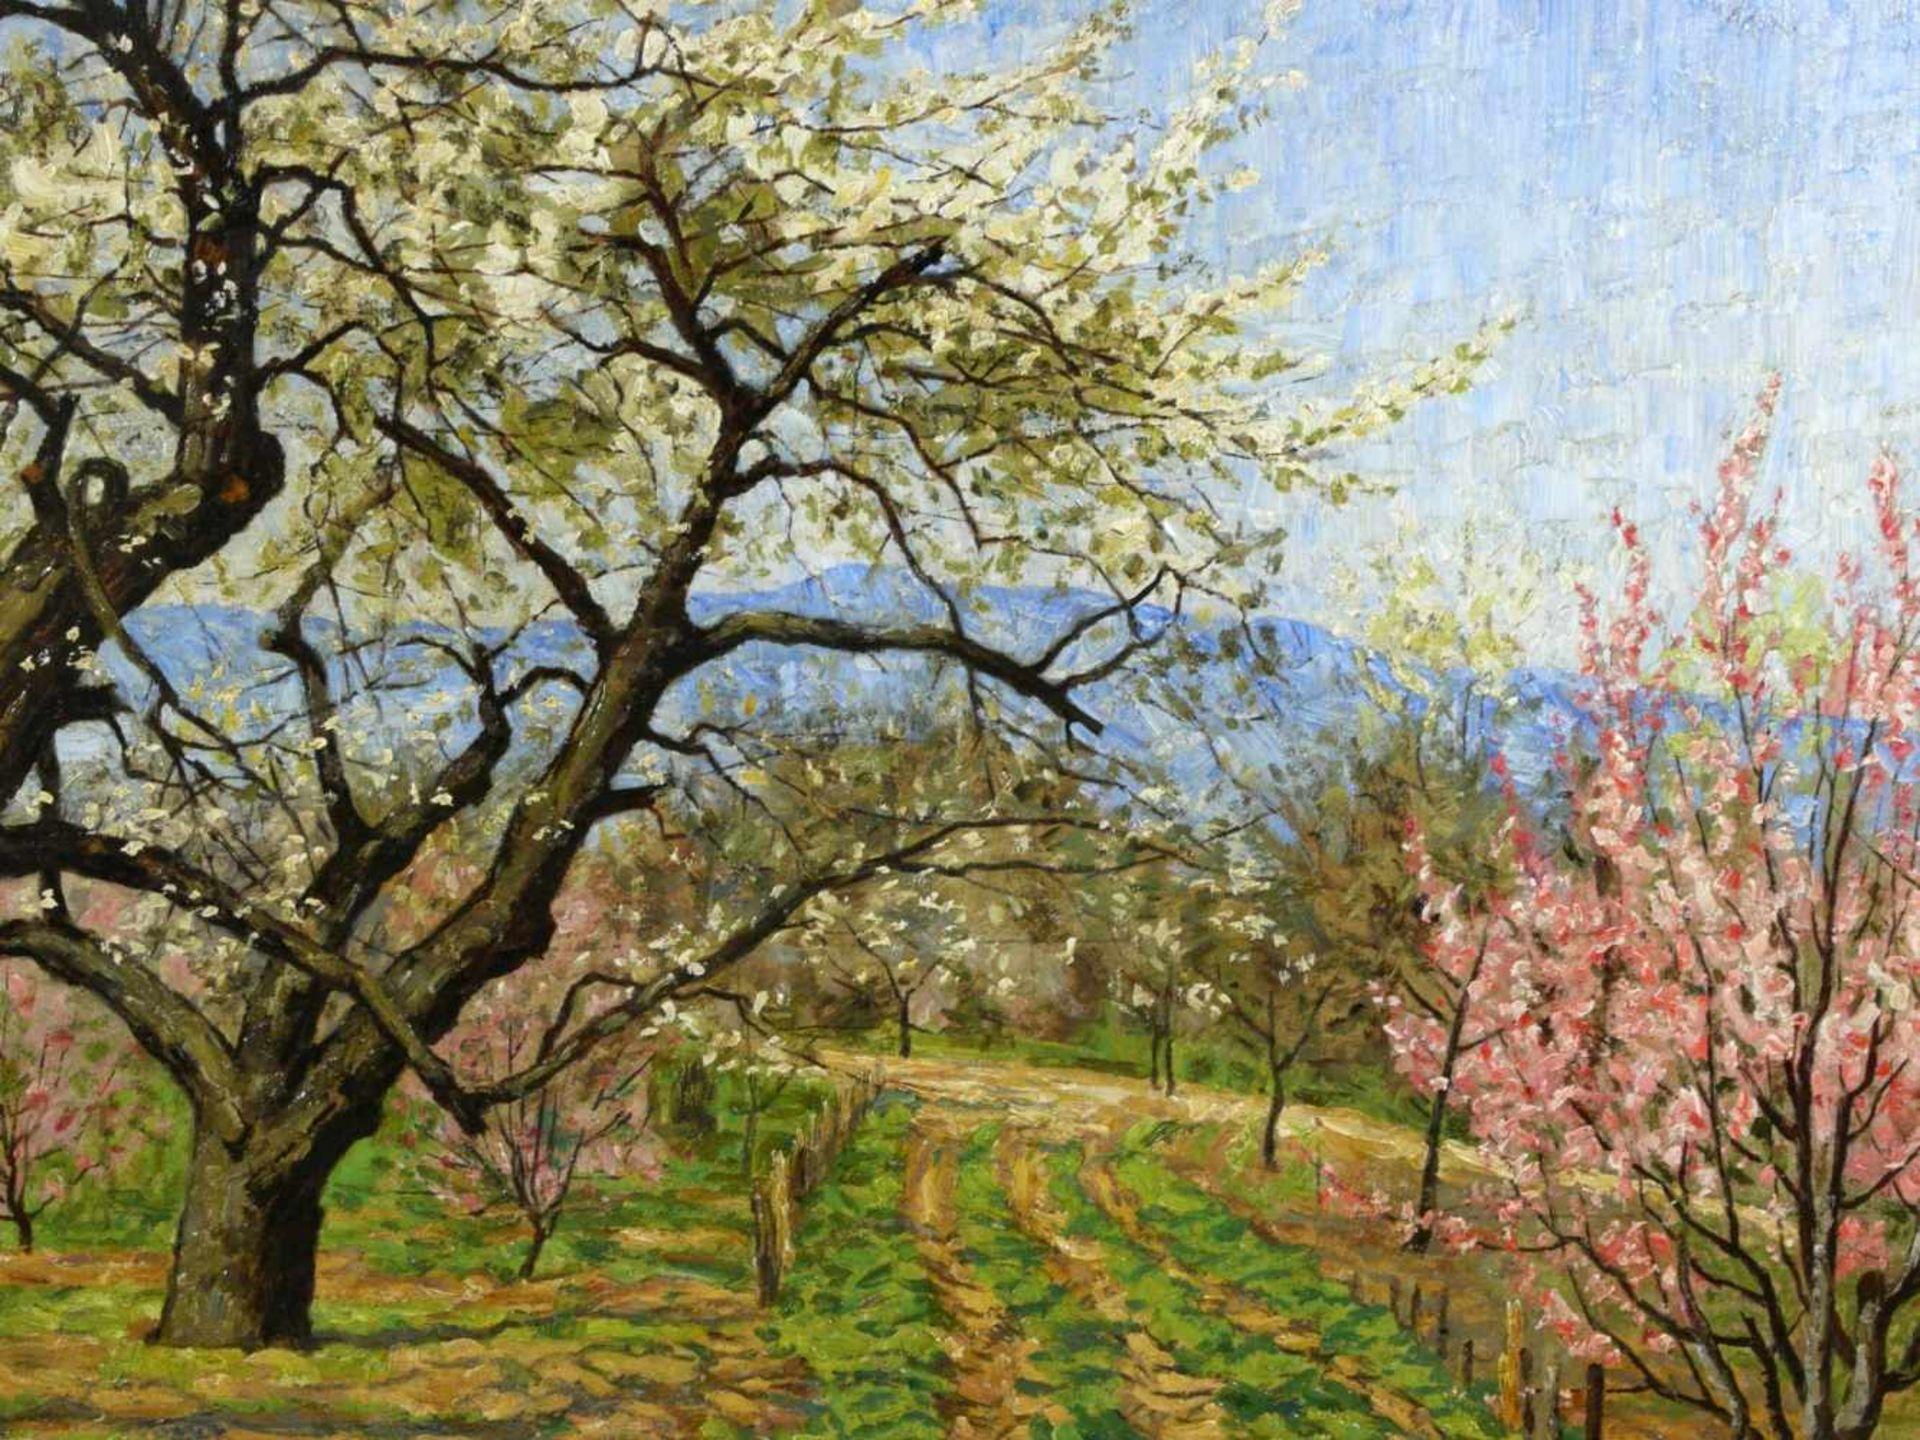 Koch, Michel (1853-1927) - Blühende FrühlingslandschaftFriedvolle Darstellung eines von blühenden - Bild 6 aus 6